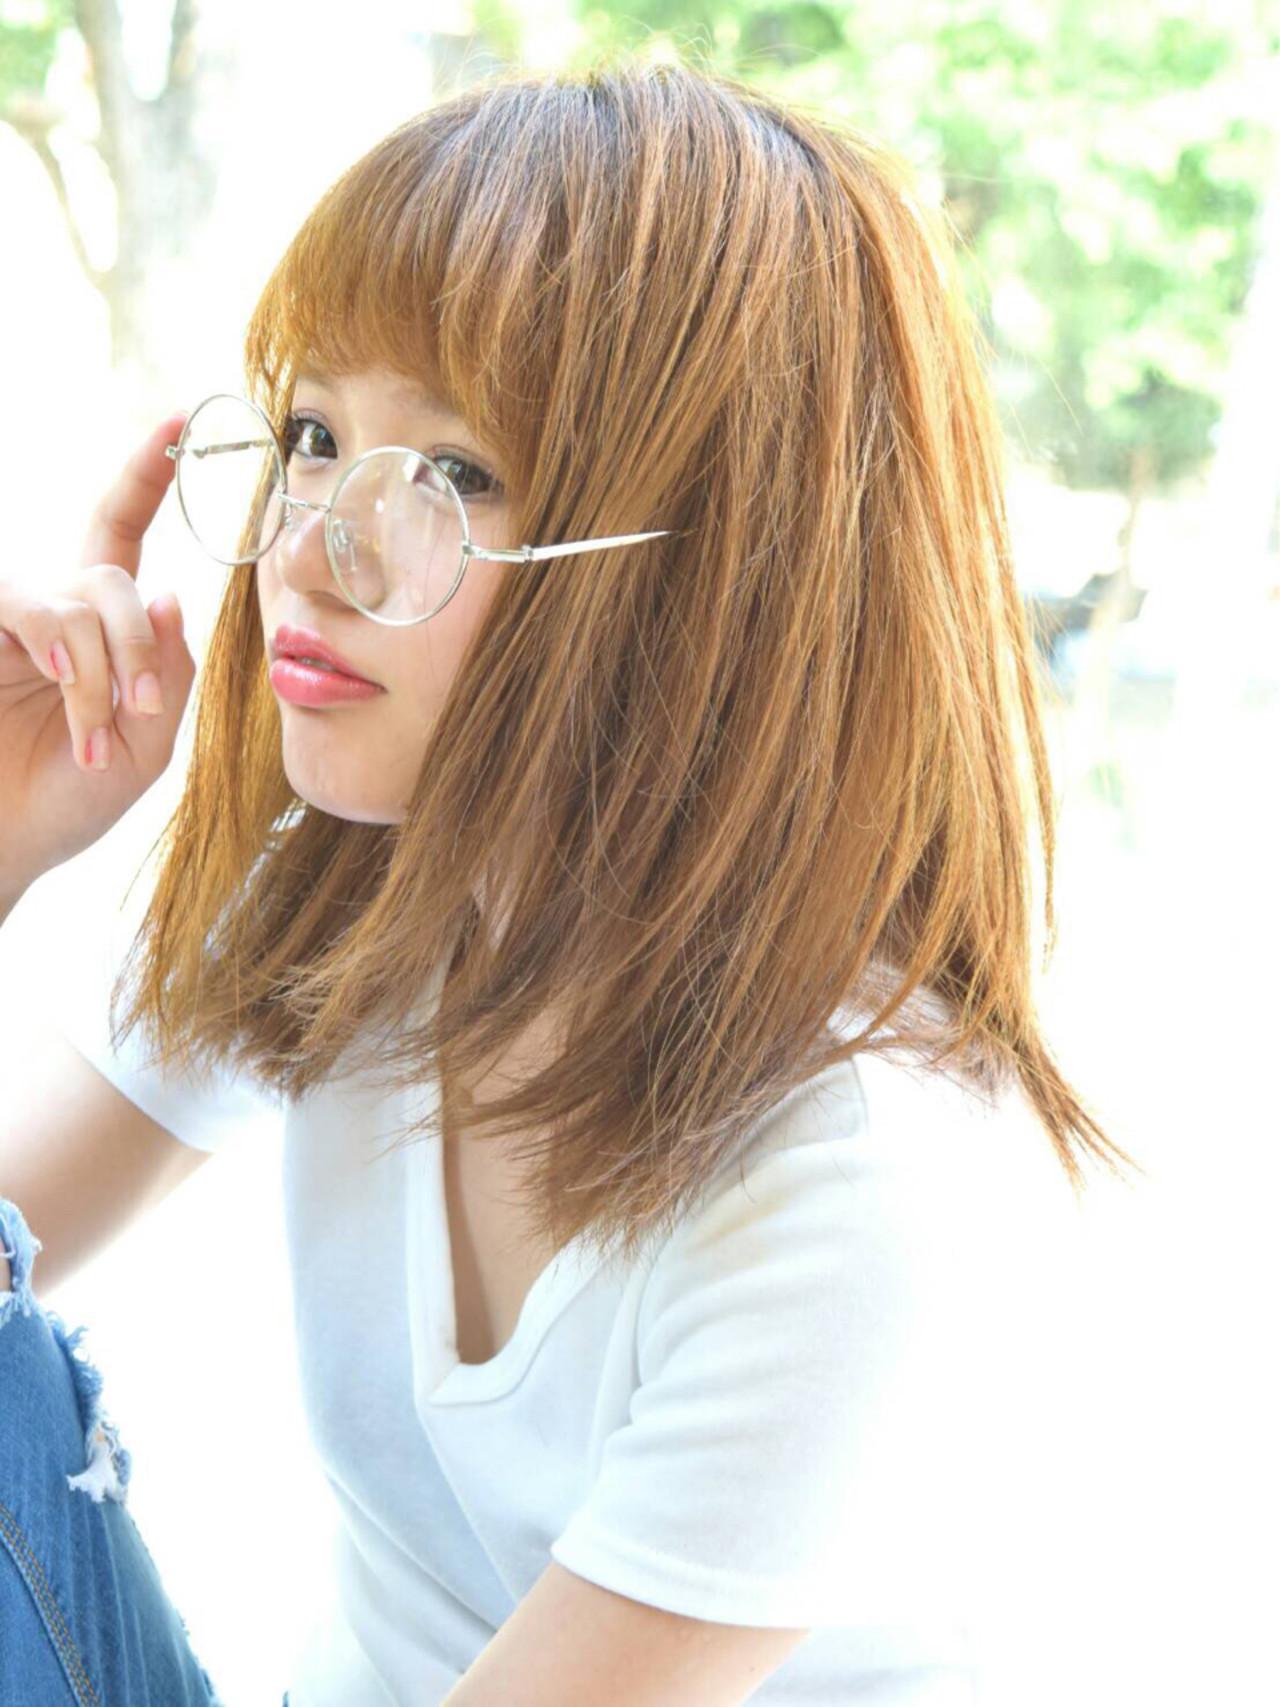 くせ毛風 ボブ ストリート ミディアム ヘアスタイルや髪型の写真・画像 | 島田 茜 /